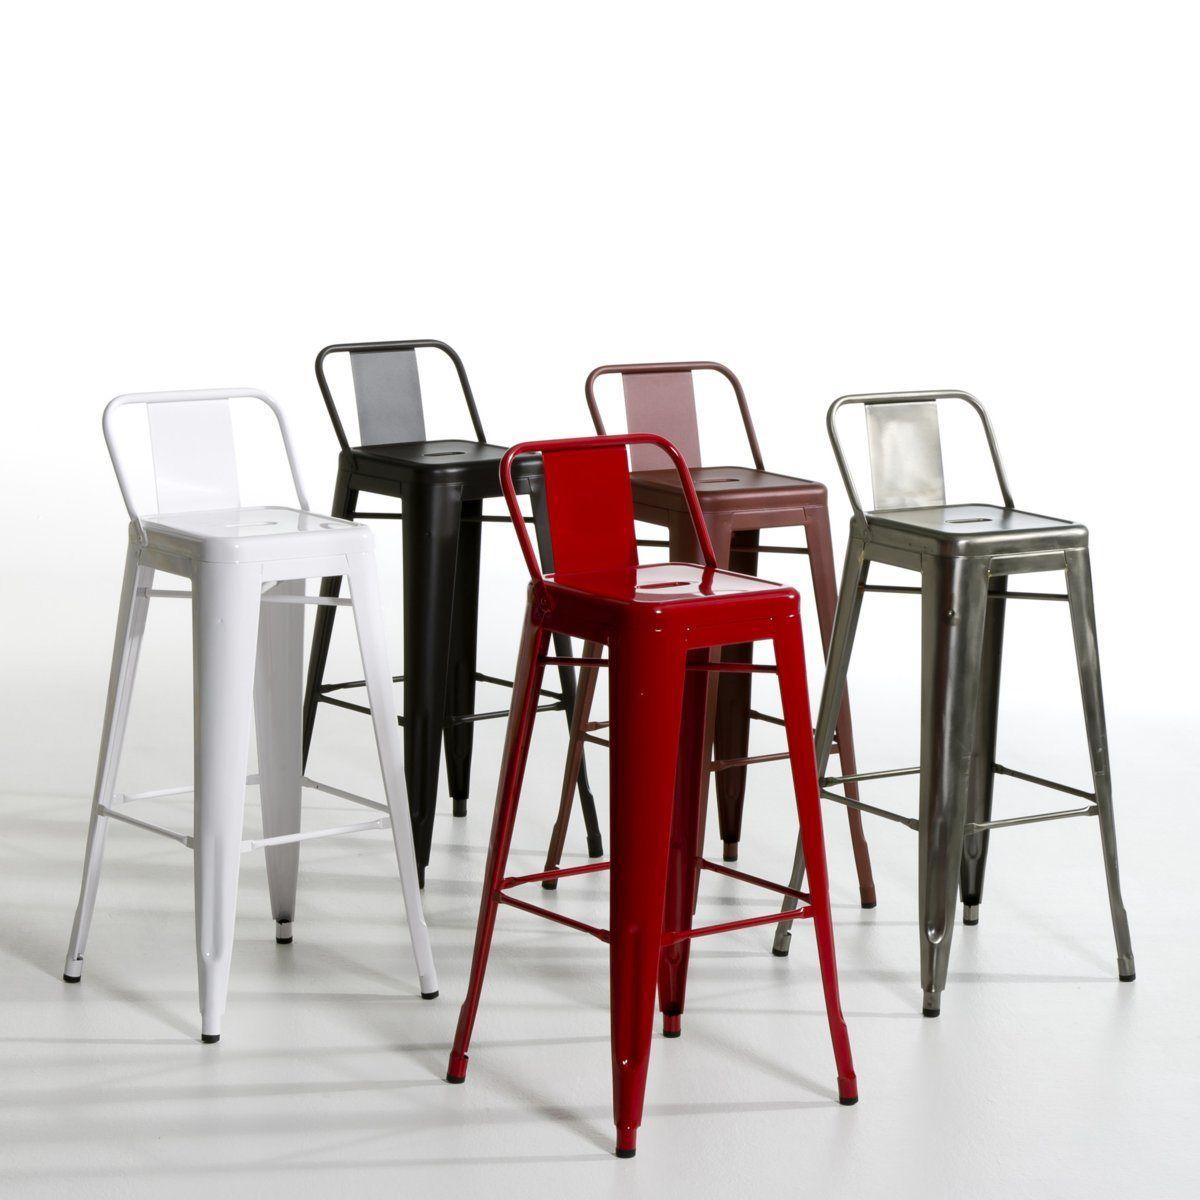 chaise haute tolix acier, am.pm | future maison | pinterest | cuisines - Chaise Tolix Pas Cher